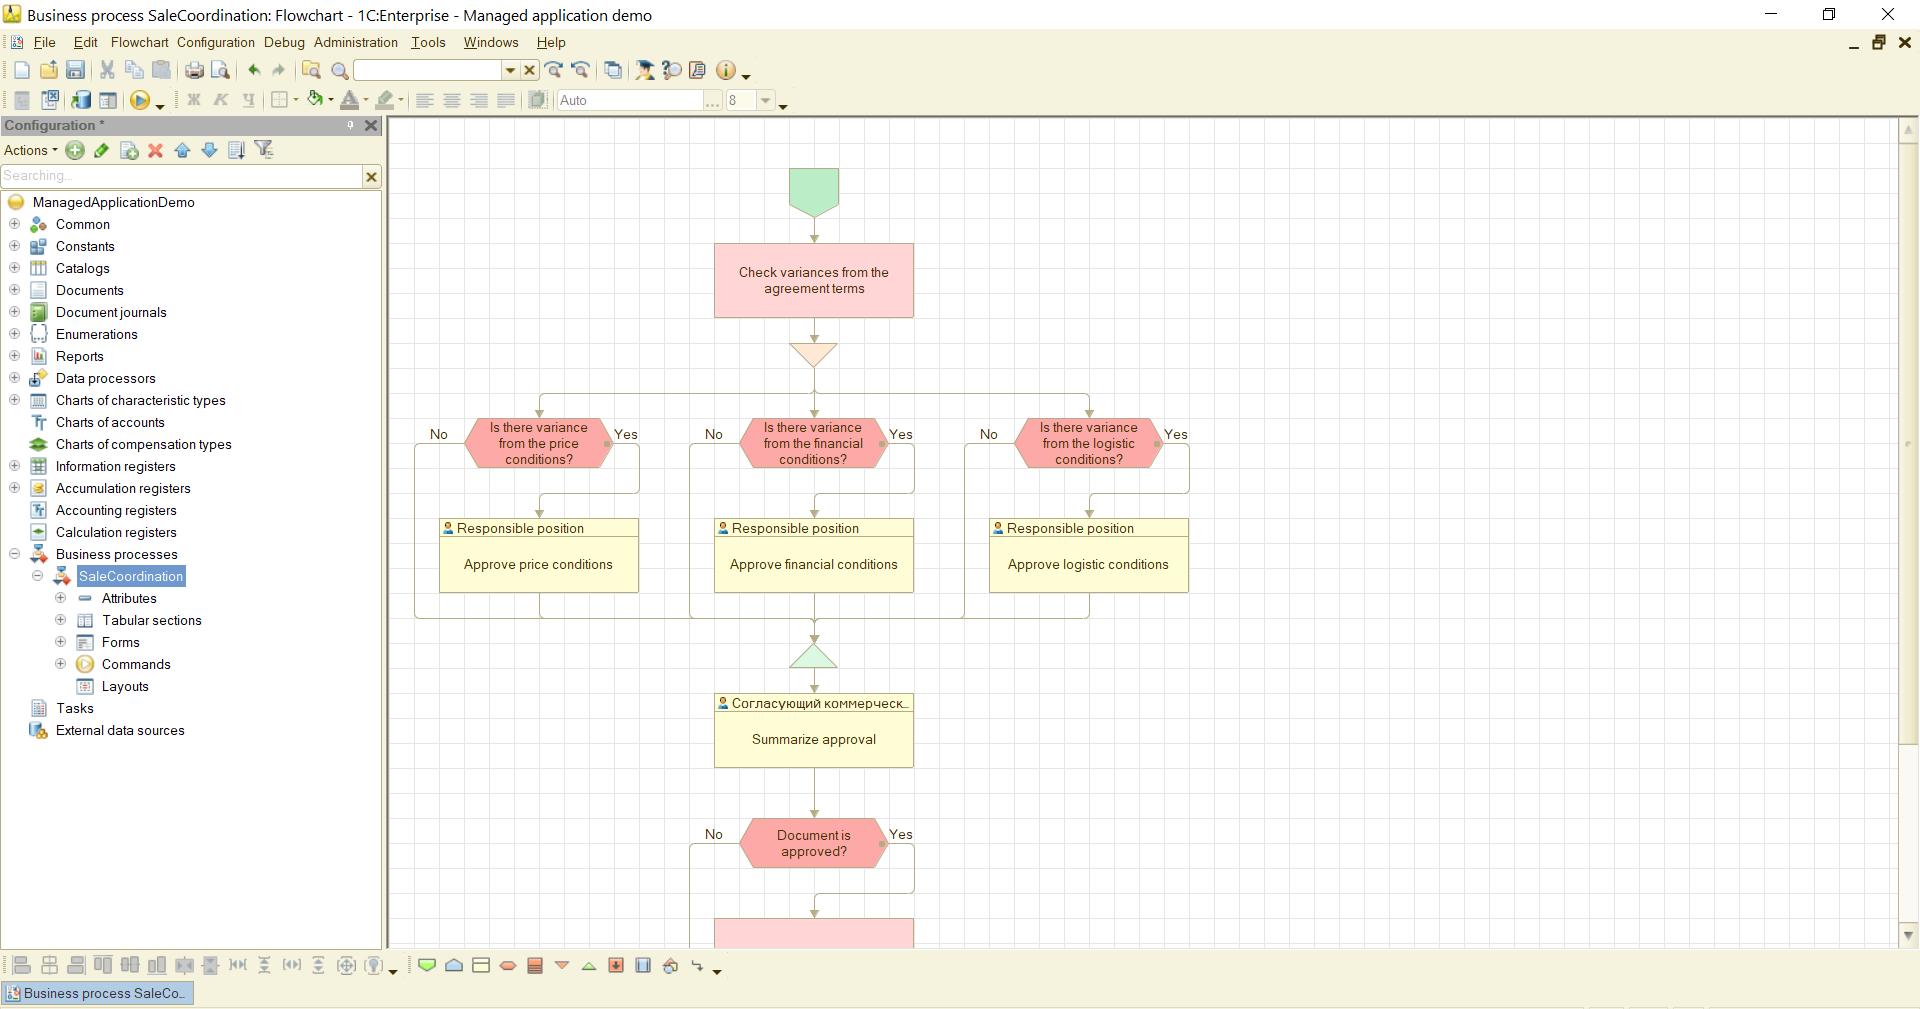 1C:Enterprise business process